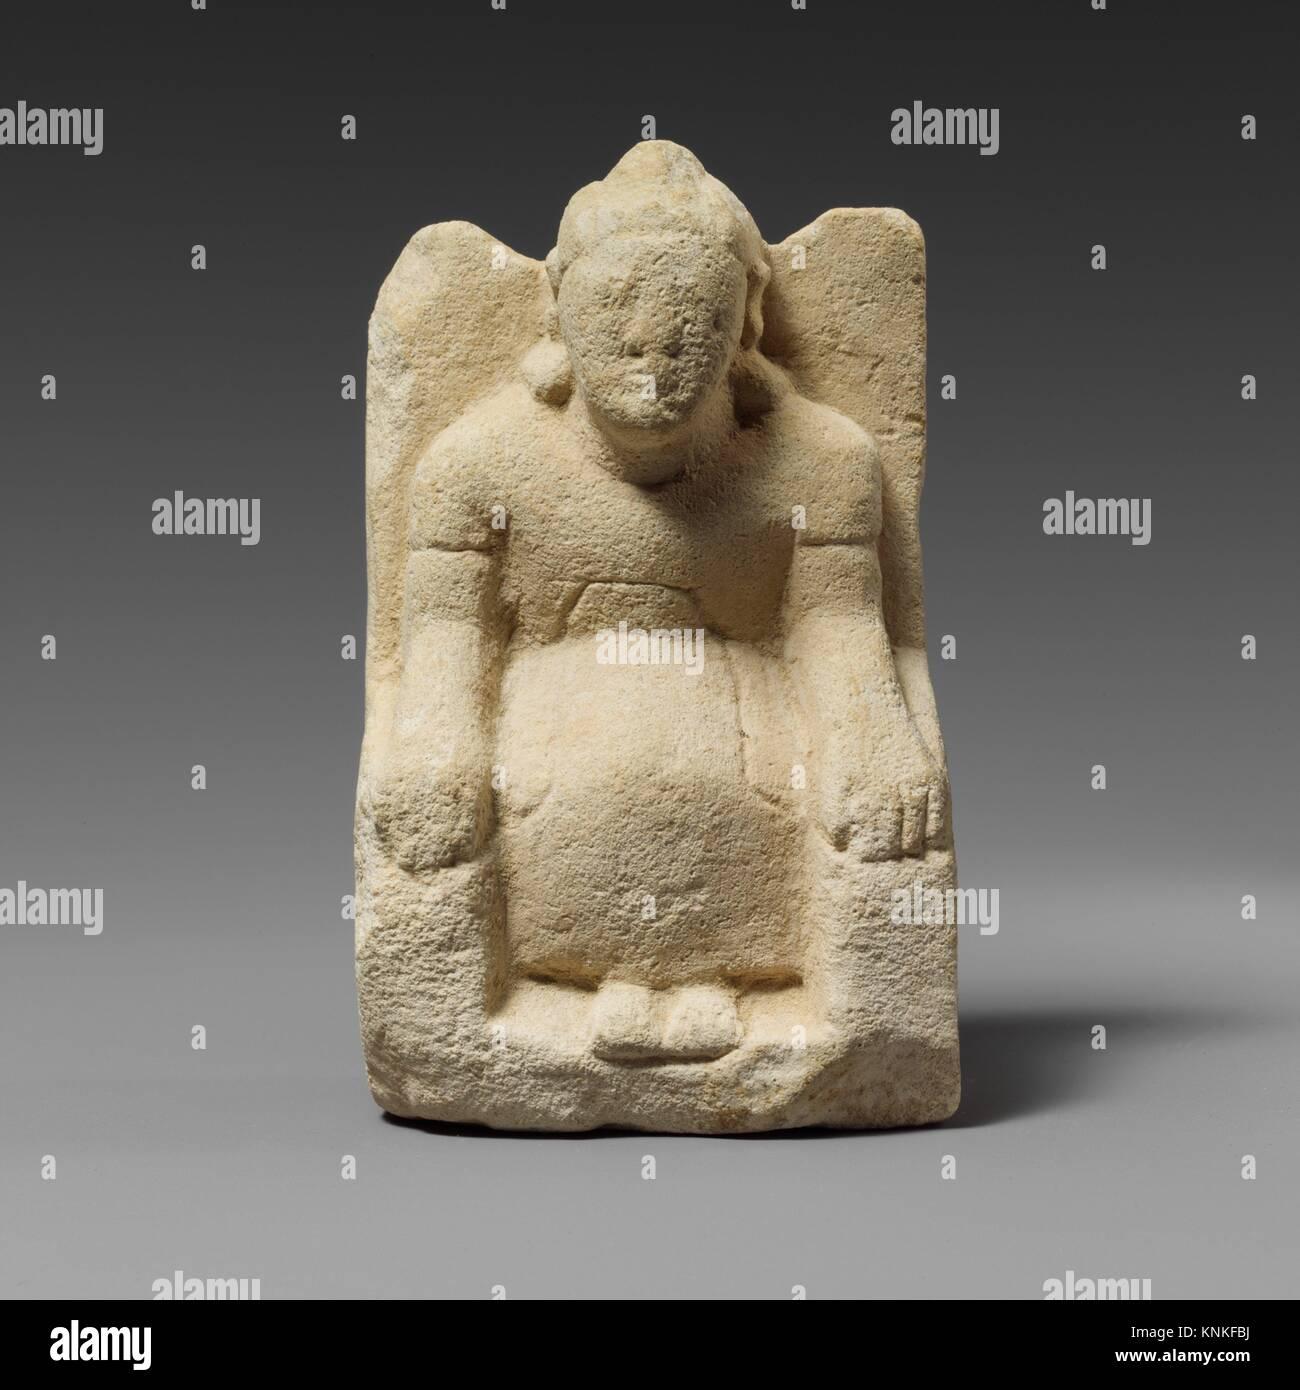 Statuette en pierre calcaire d'un homme imberbe votary assis avec un casque. Période: archaïque; Date: première moitié du 6ème siècle avant J.C; culture; chypriote: Banque D'Images